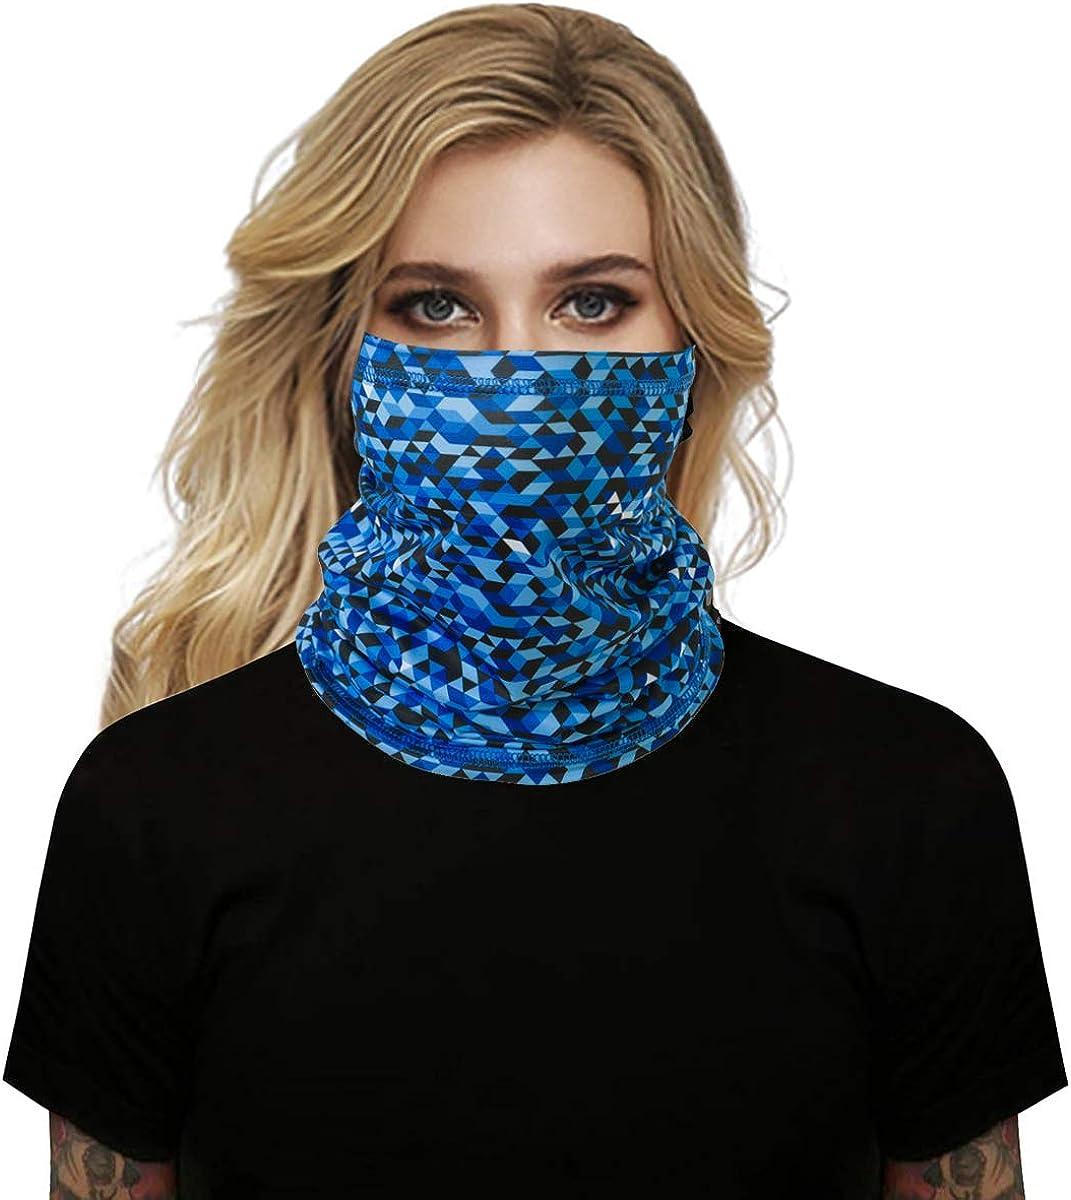 Kopfbedeckung aus elastischem R/öhrenschal Bandana Stirnband Leichtes atmungsaktives 3D Magic Multi Use Snood f/ür Yoga Running Wandern Radfahren BOER Multifunktionales Stirnband